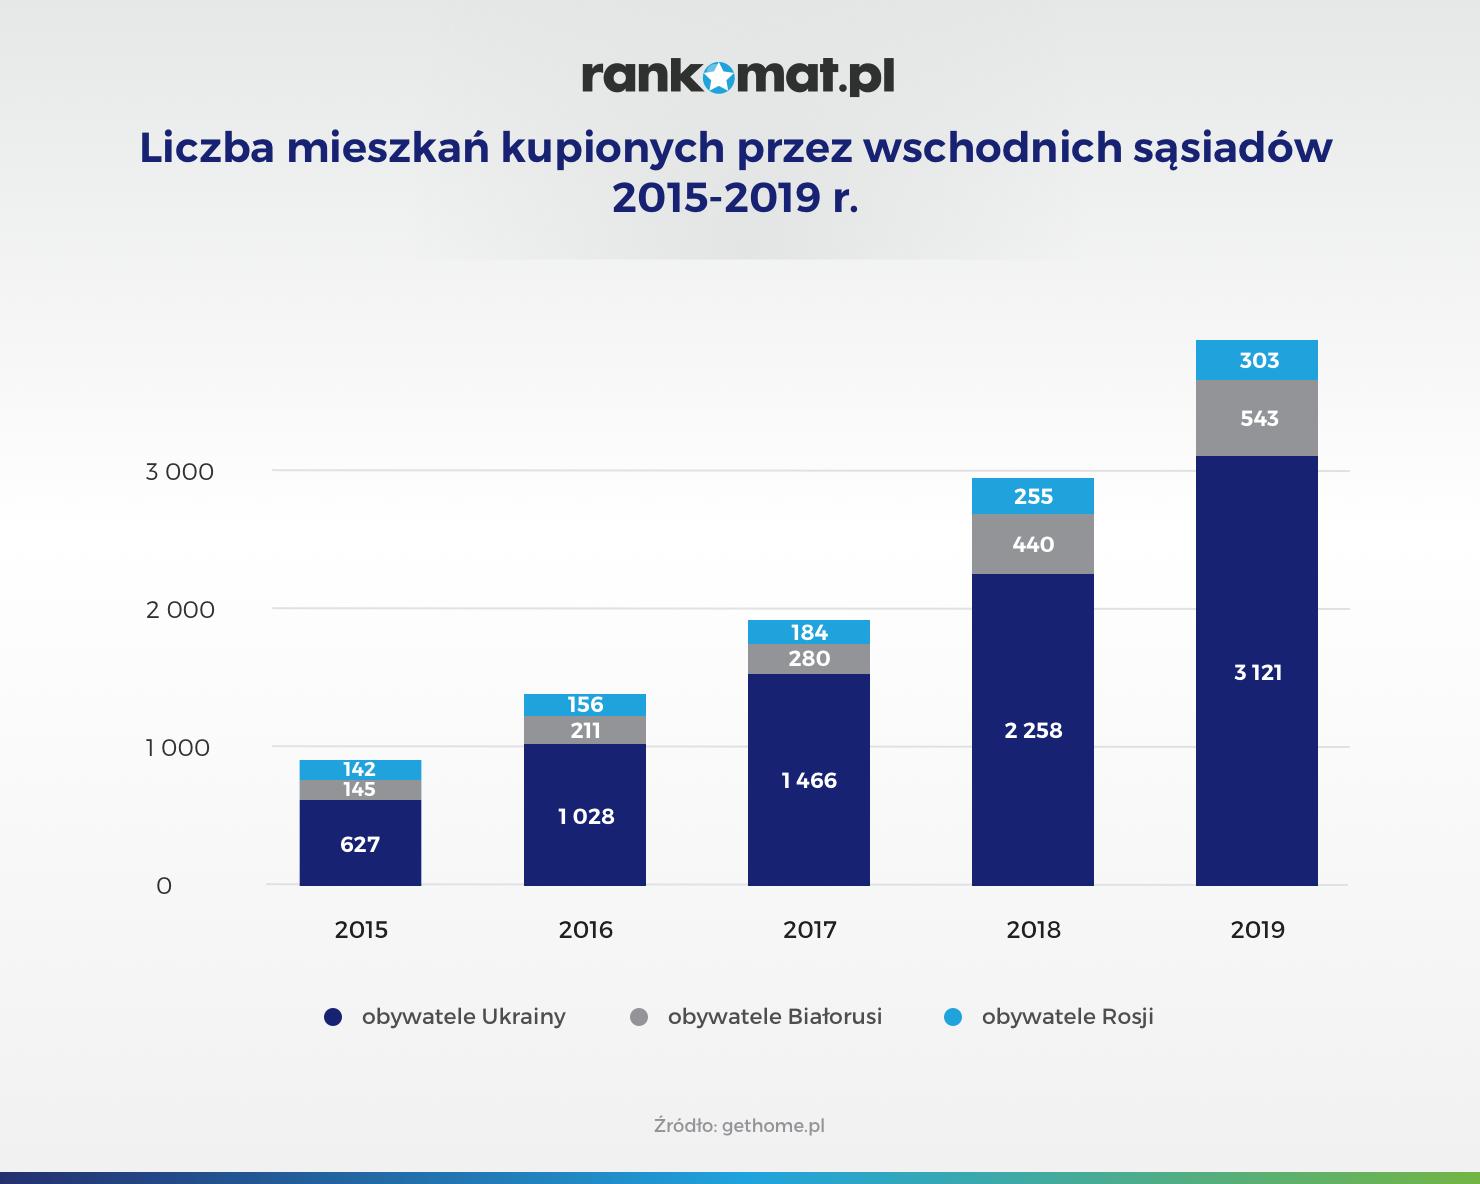 Liczba mieszkań kupionych przez wschodnich sąsiadów 2015-2019 r_v1 (1)